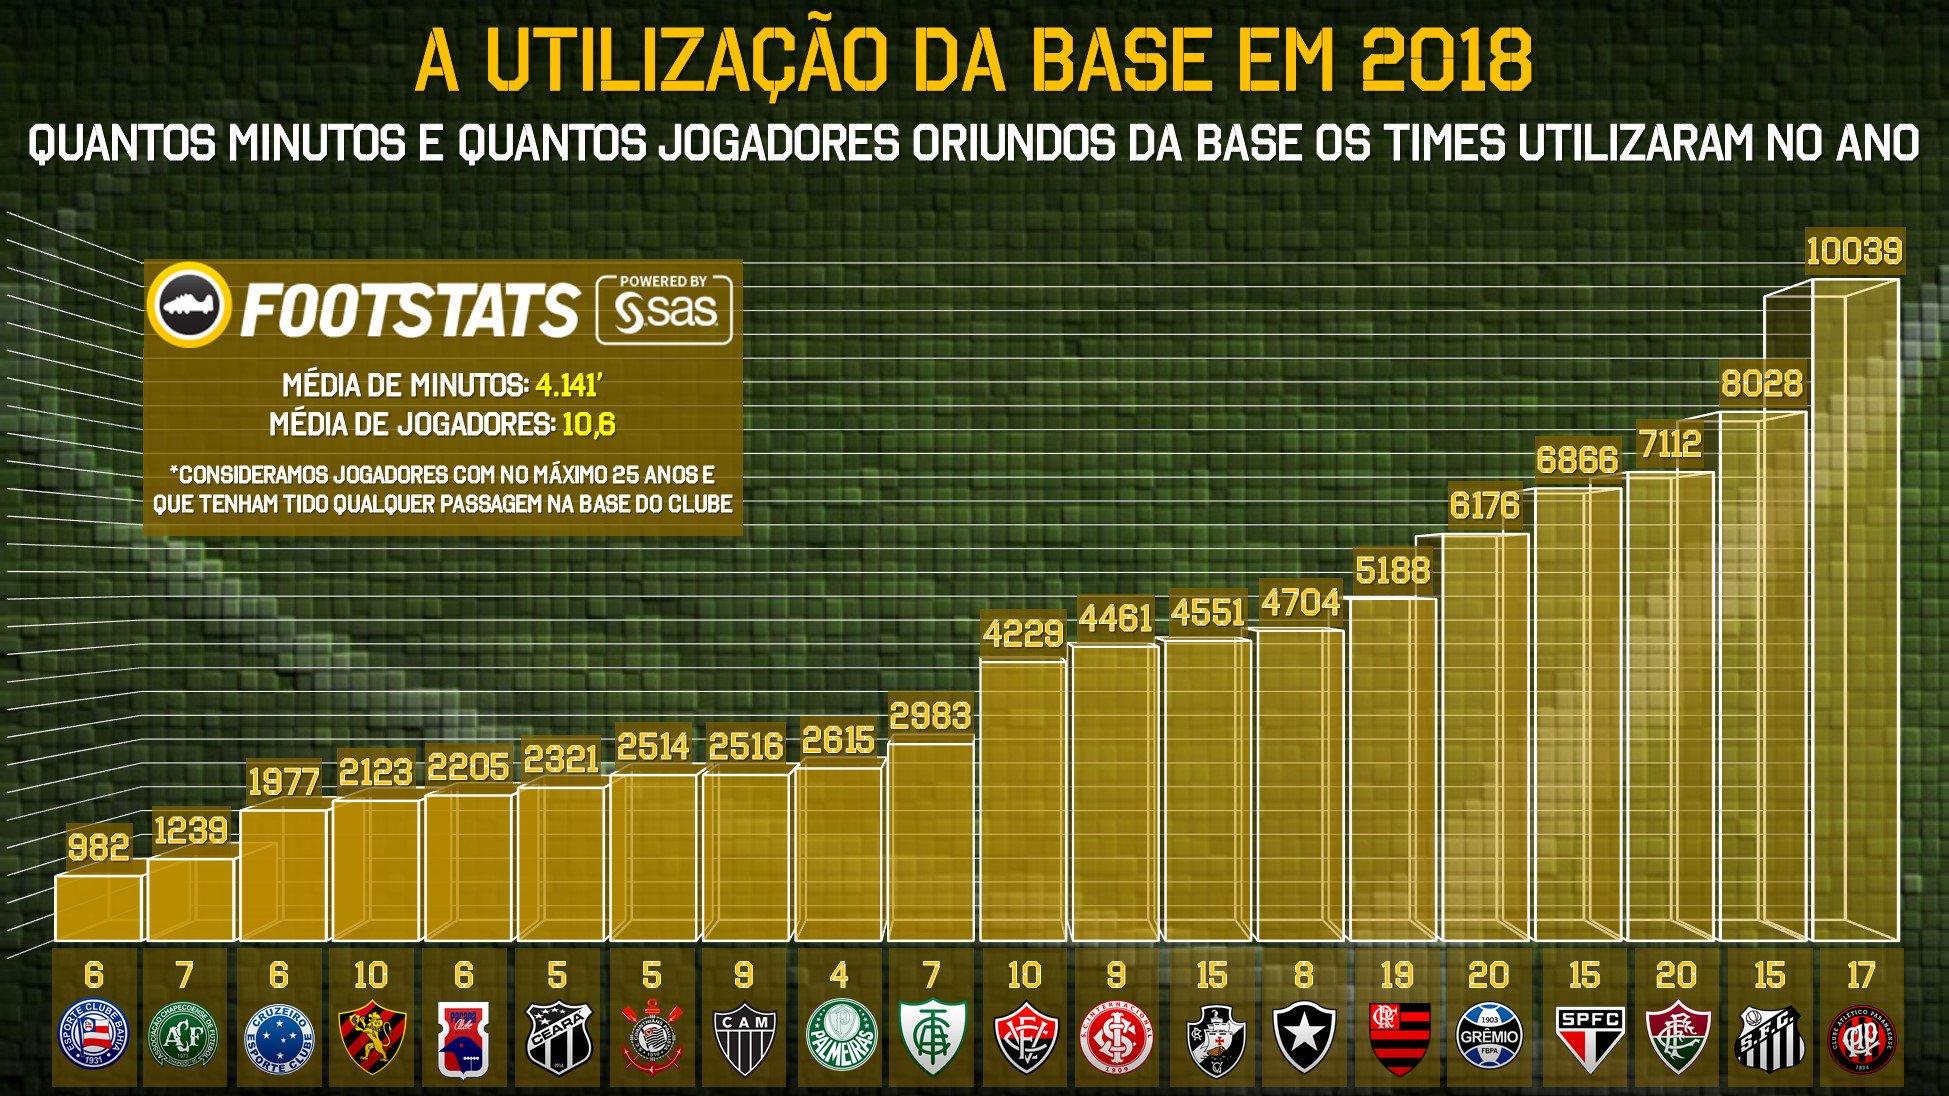 UtilizacaoBase2018